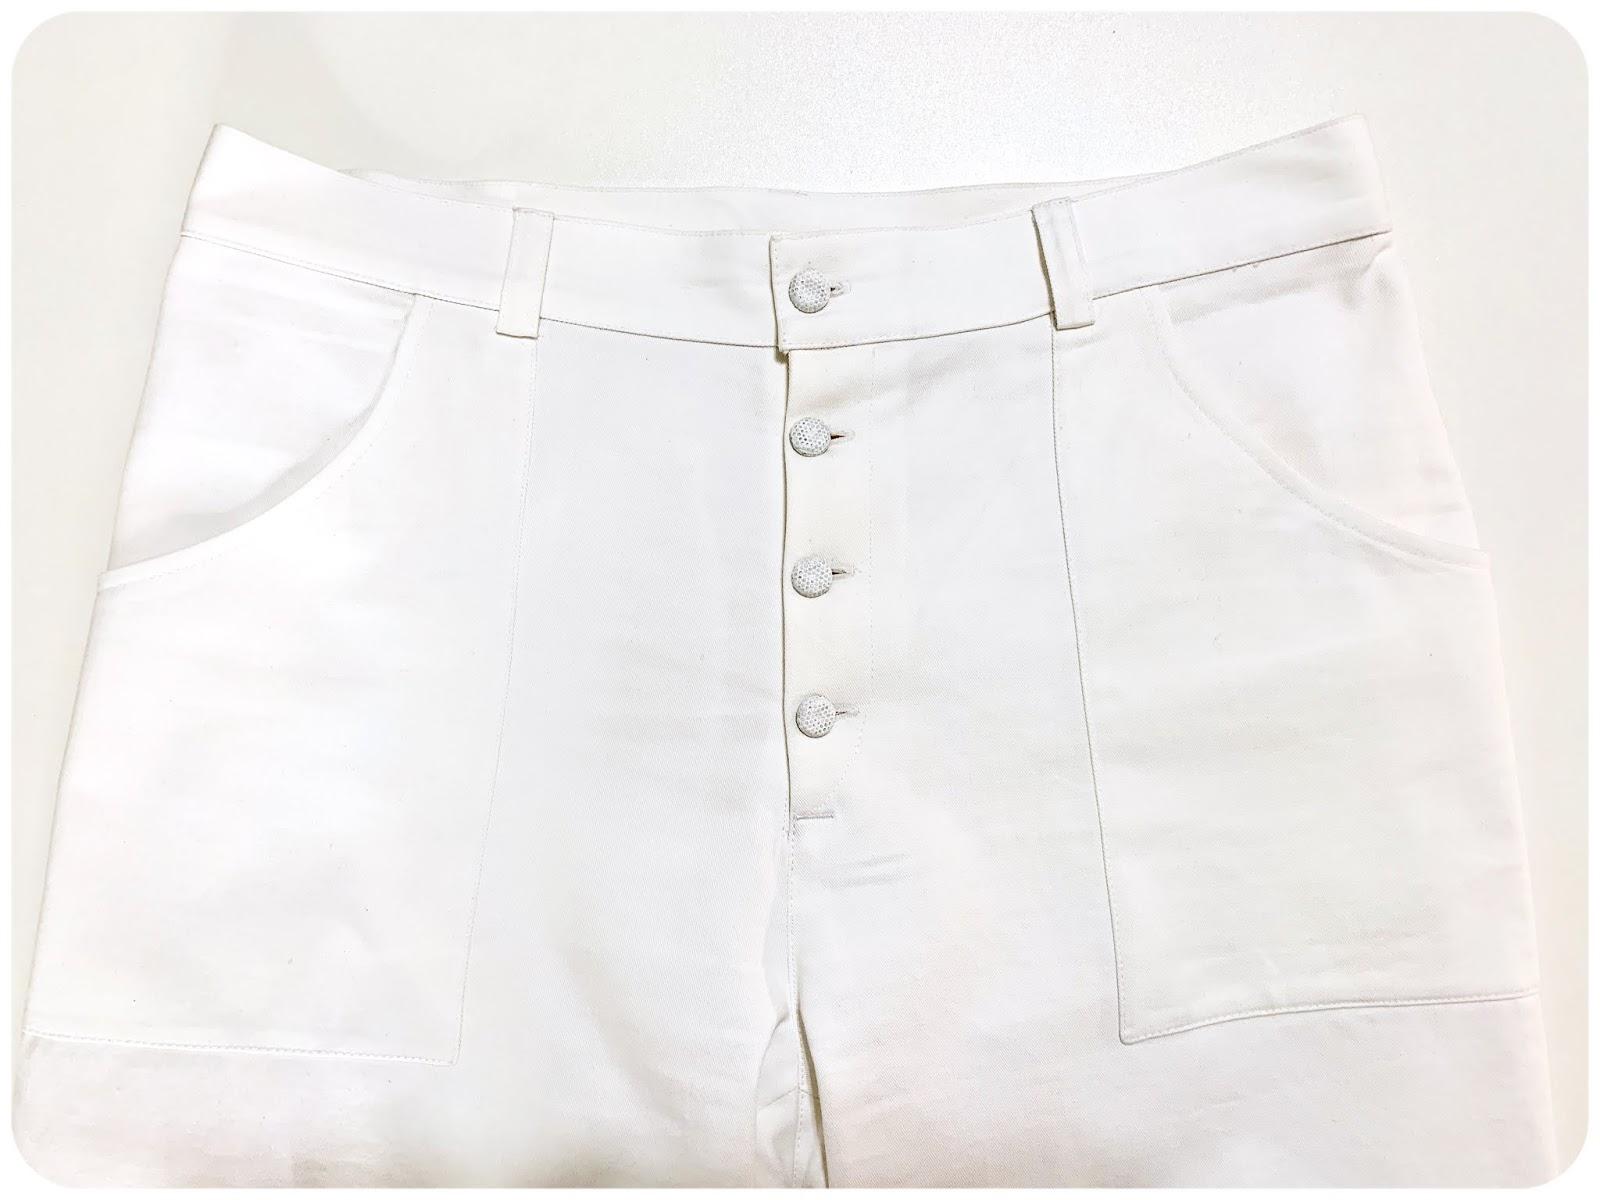 True Bias Lander Pants - Erica Bunker DIY Style!